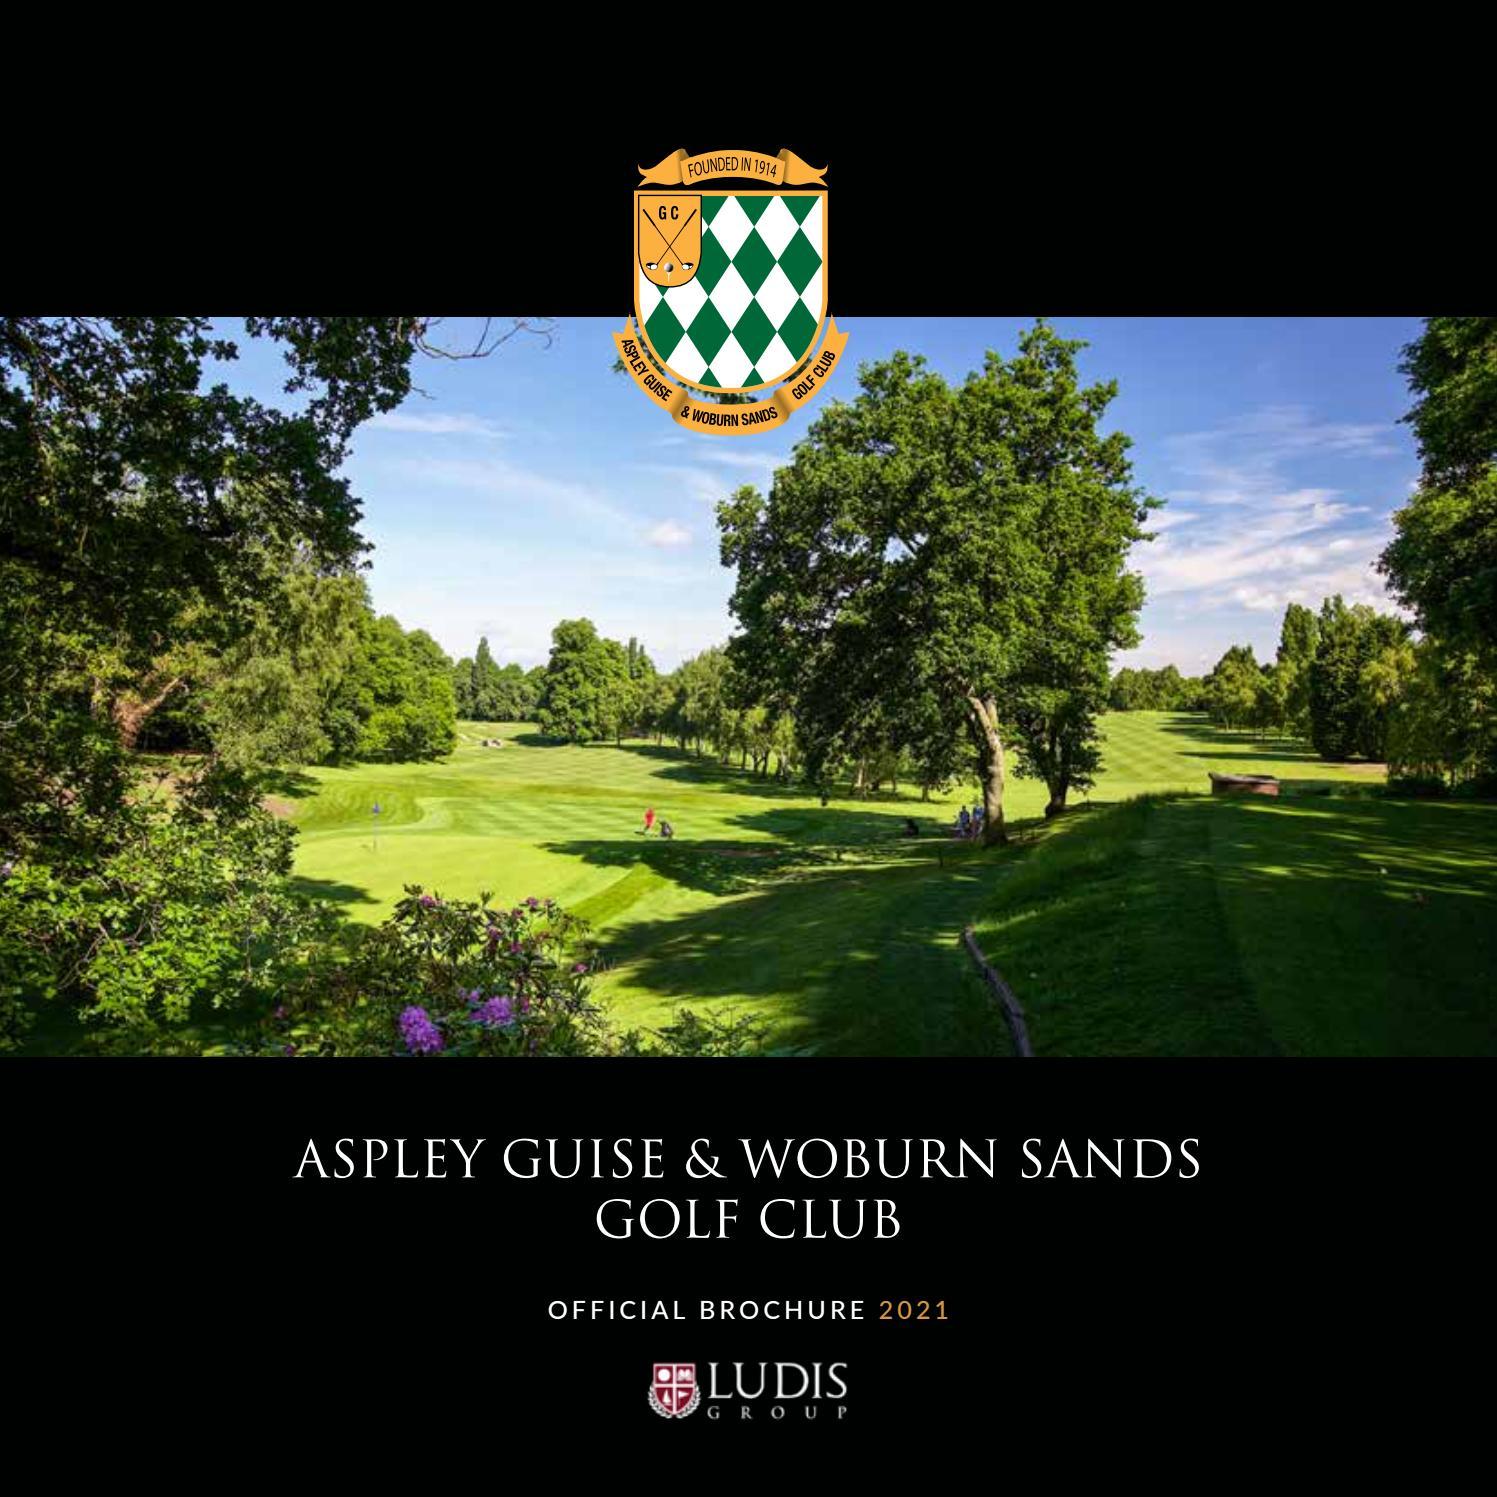 37+ Aspley guise and woburn sands golf club ideas in 2021